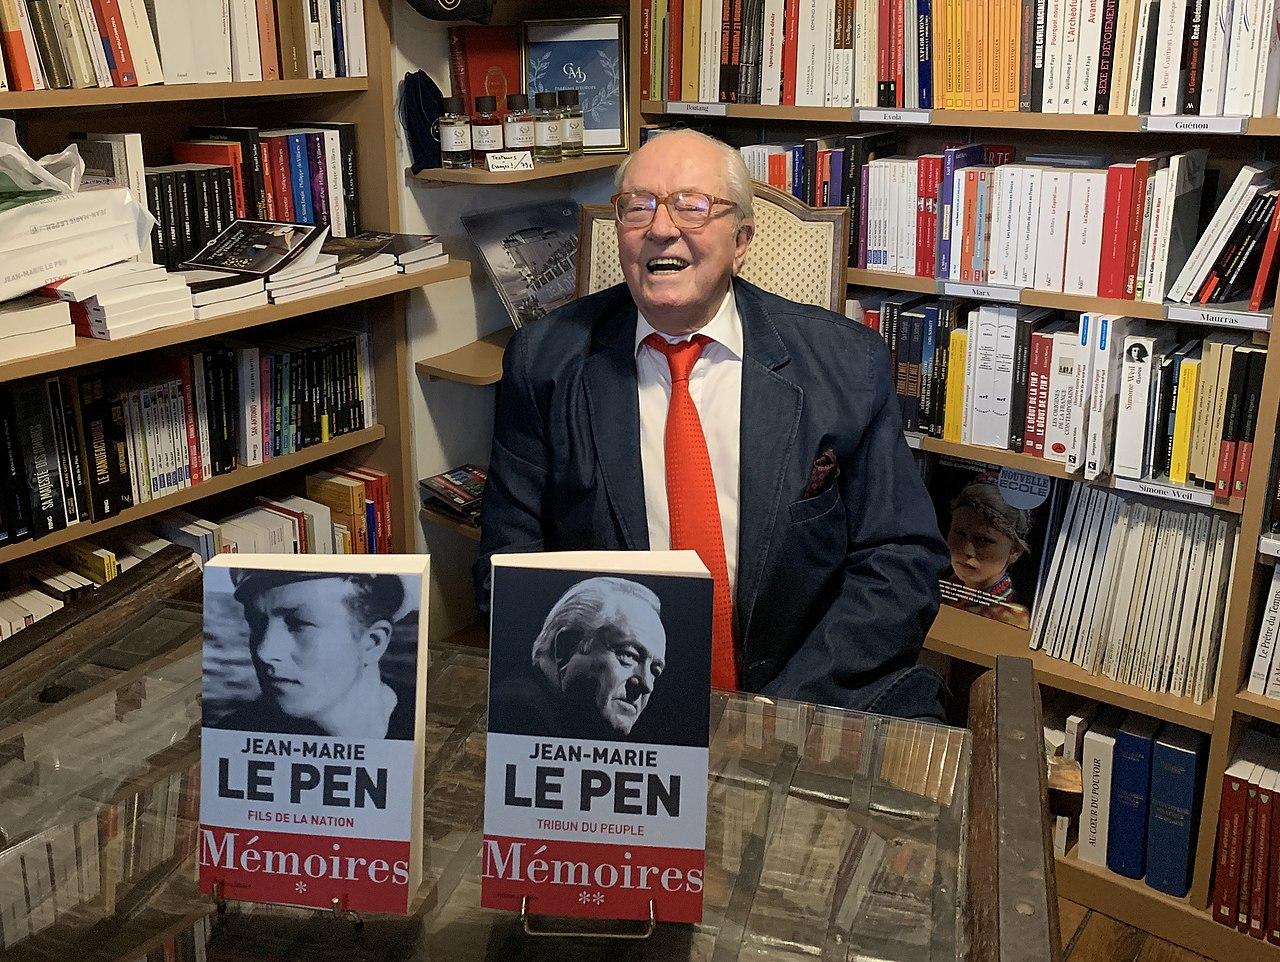 Jean-Marie Le Pen 2019